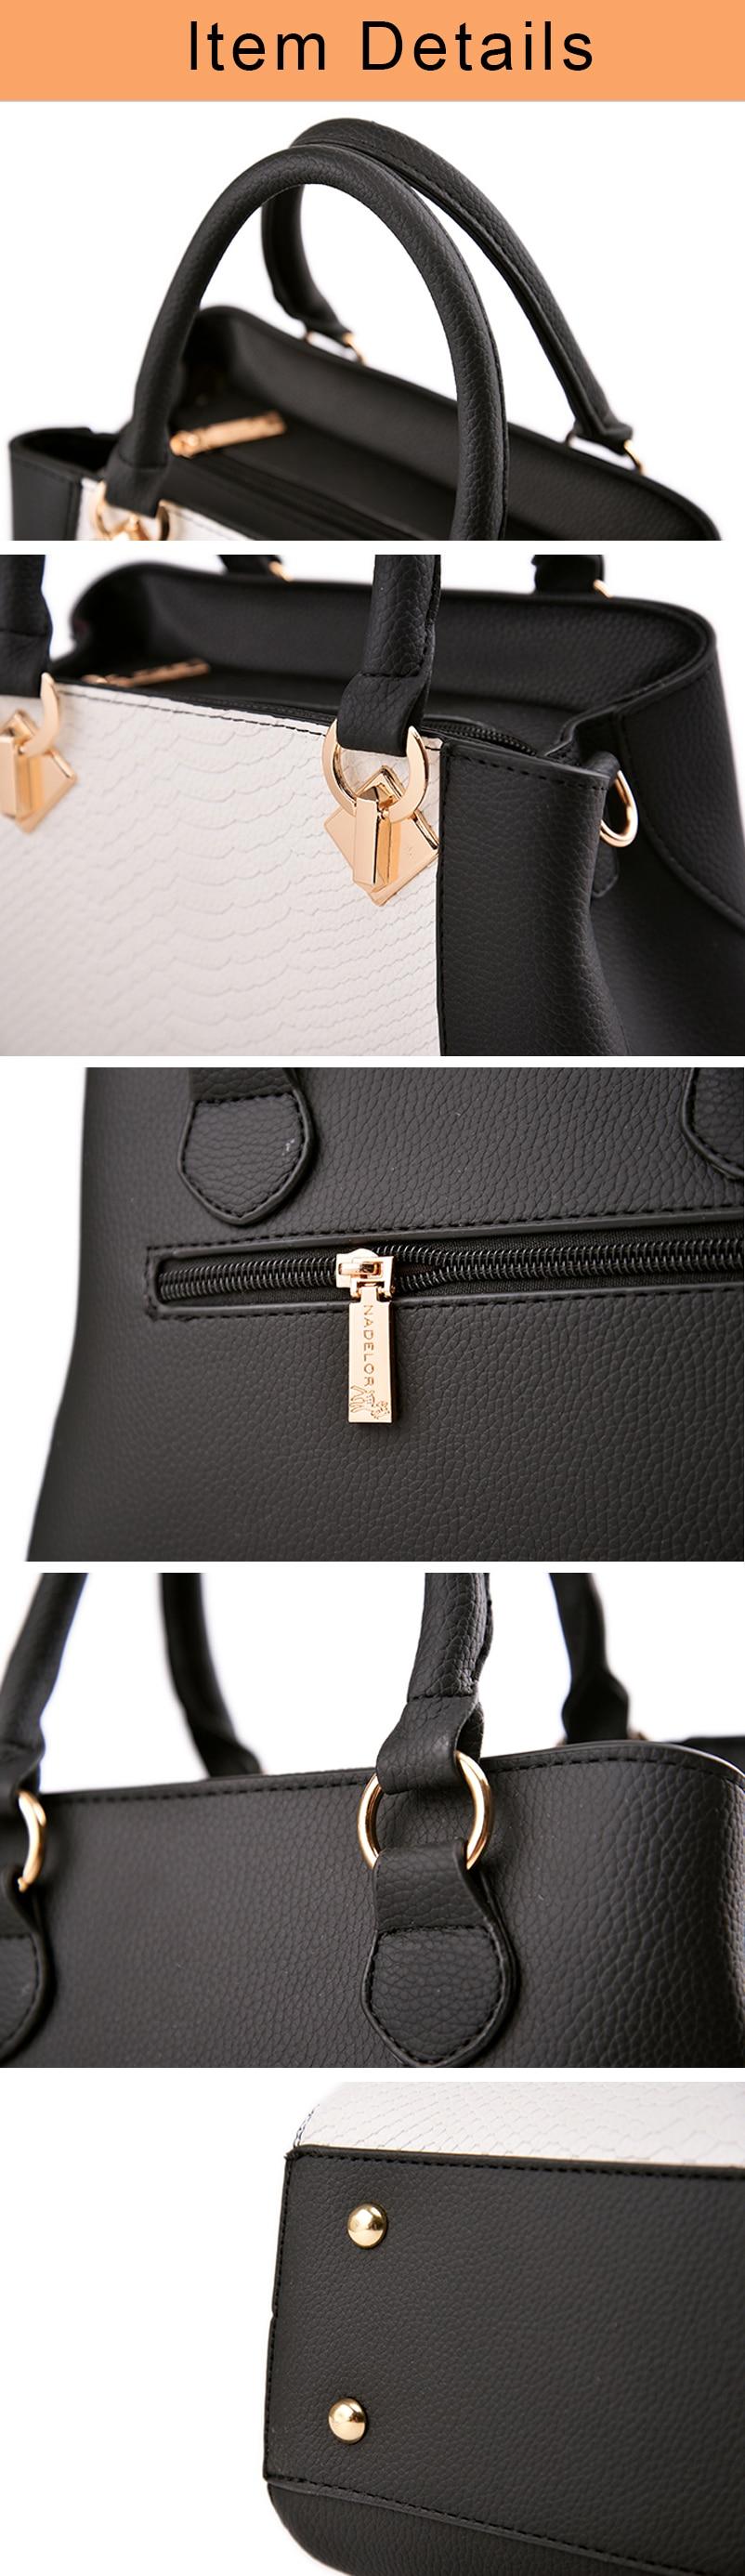 Nevenka Women Handbag PU Leather Bag Zipper Crossbody Bags Lady Bag High Quality Original Design Handbags Top-Handle Bags Tote16